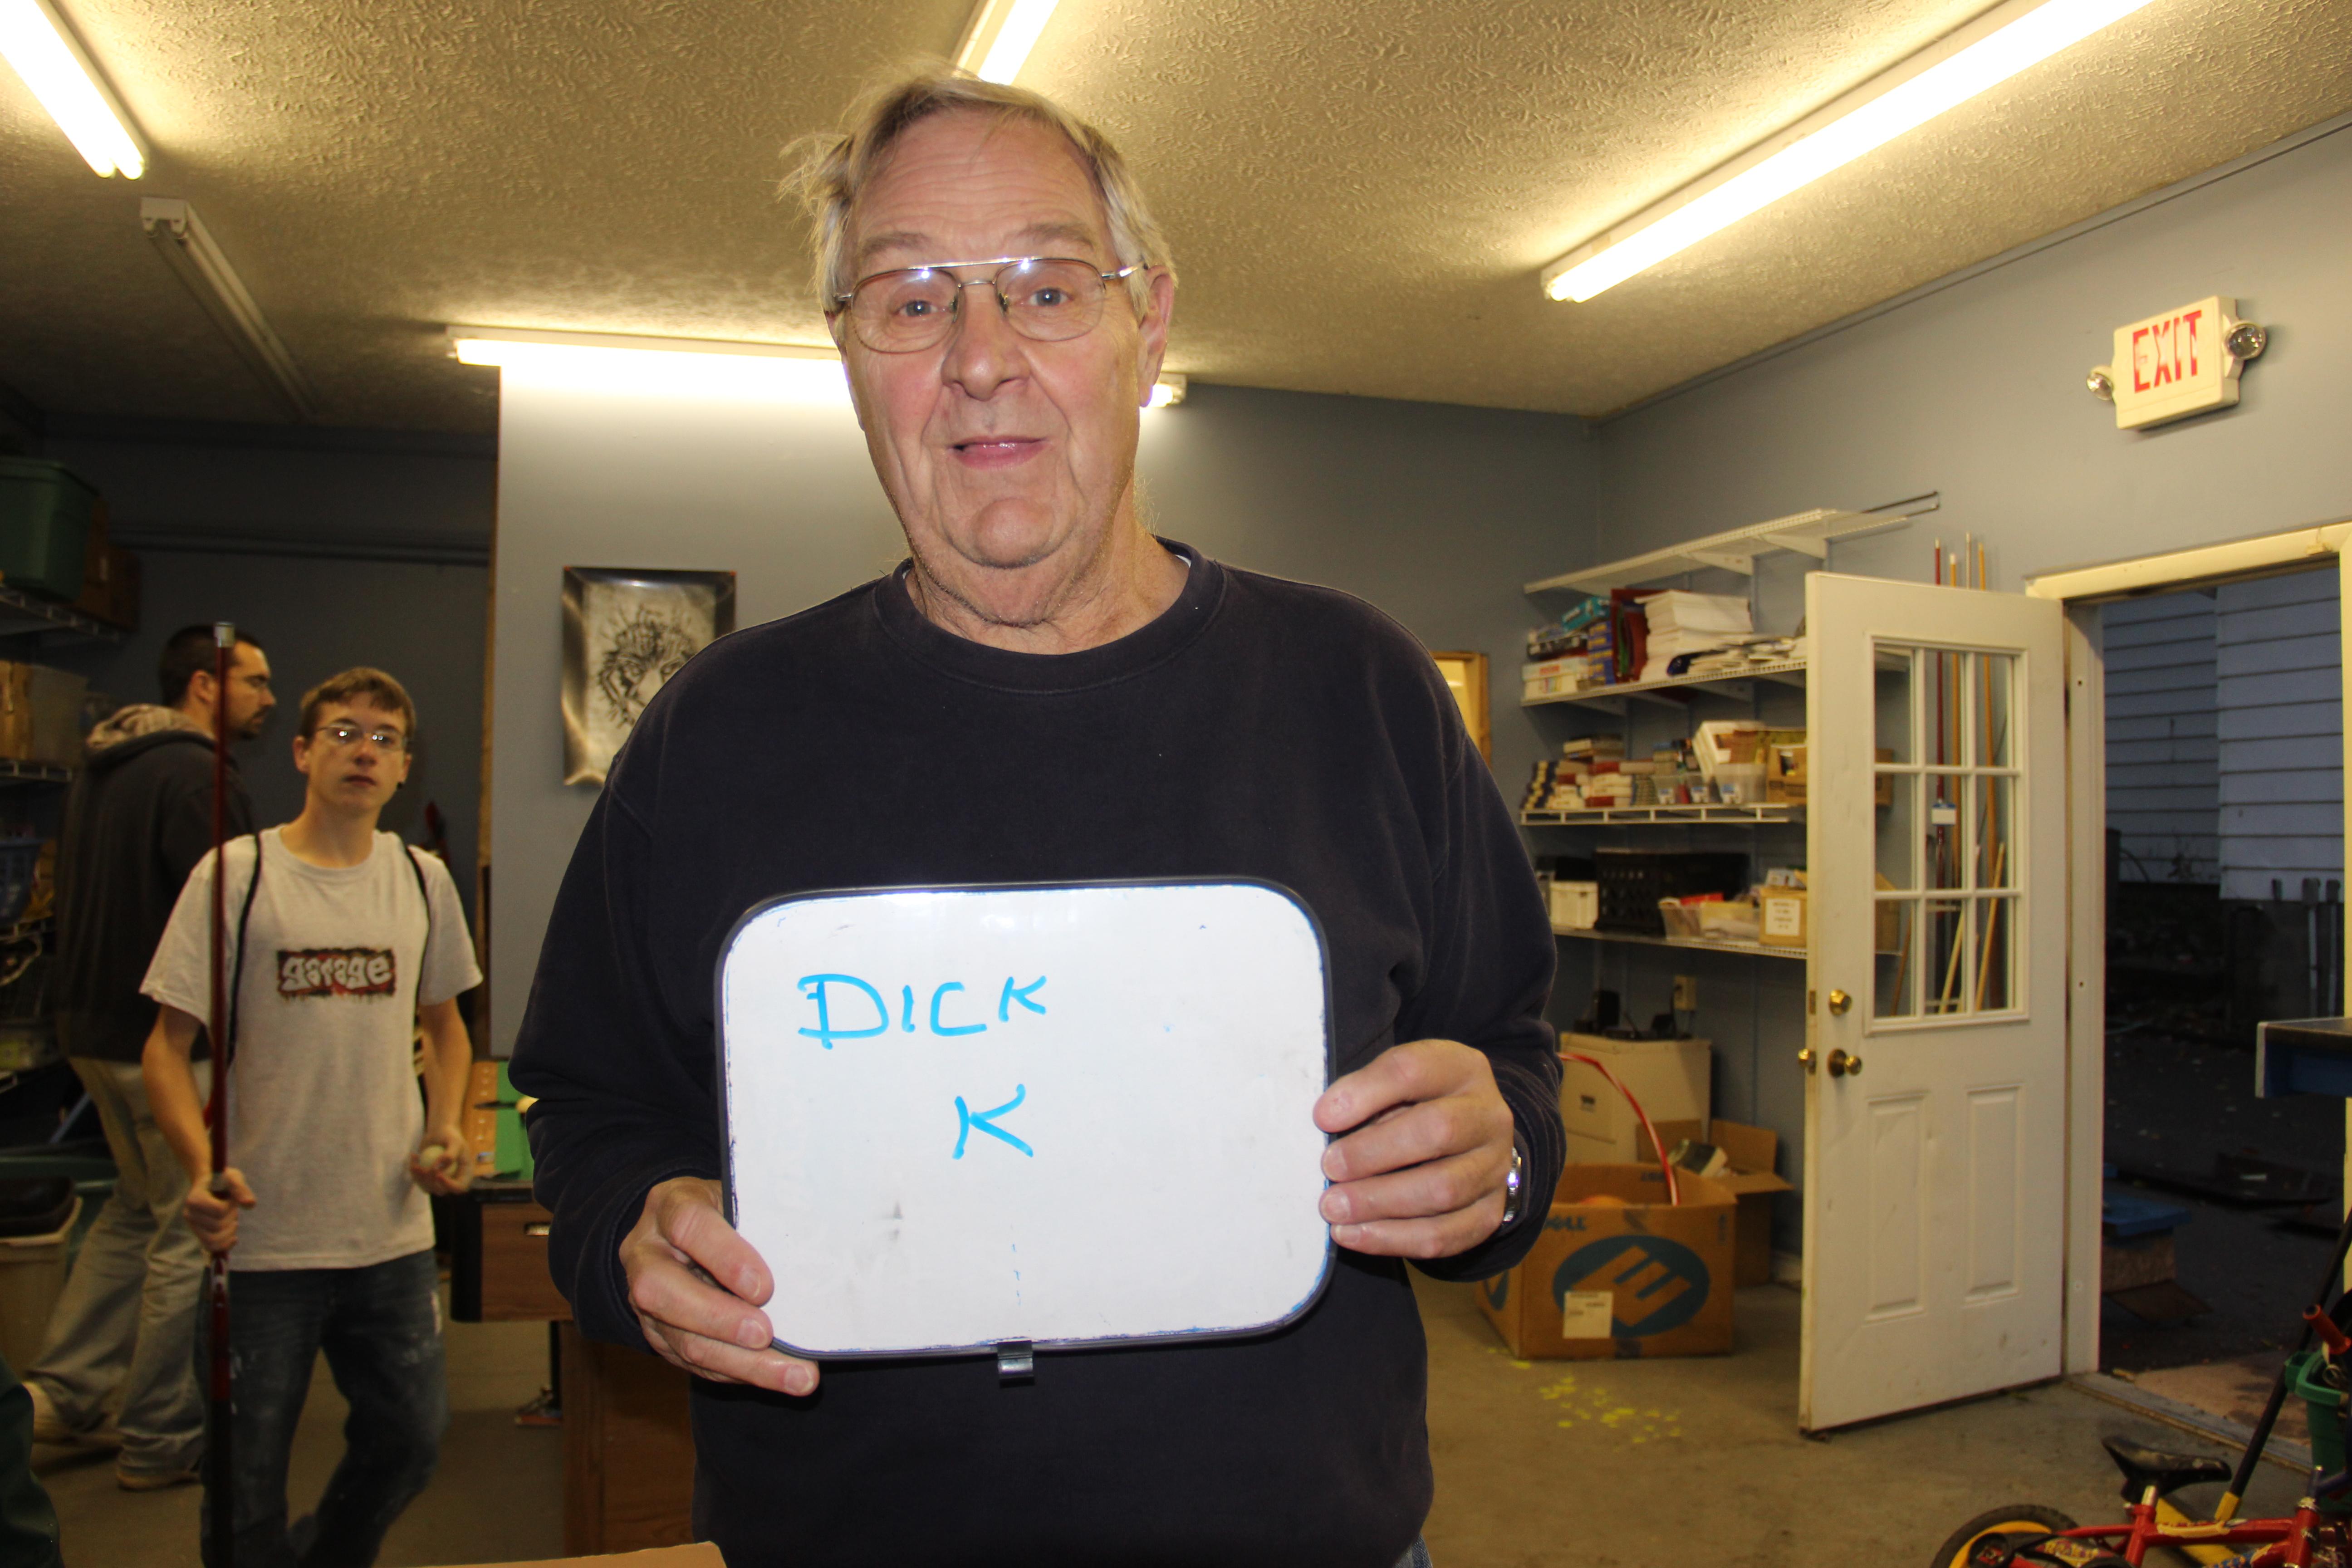 Dick_Volunteer.JPG